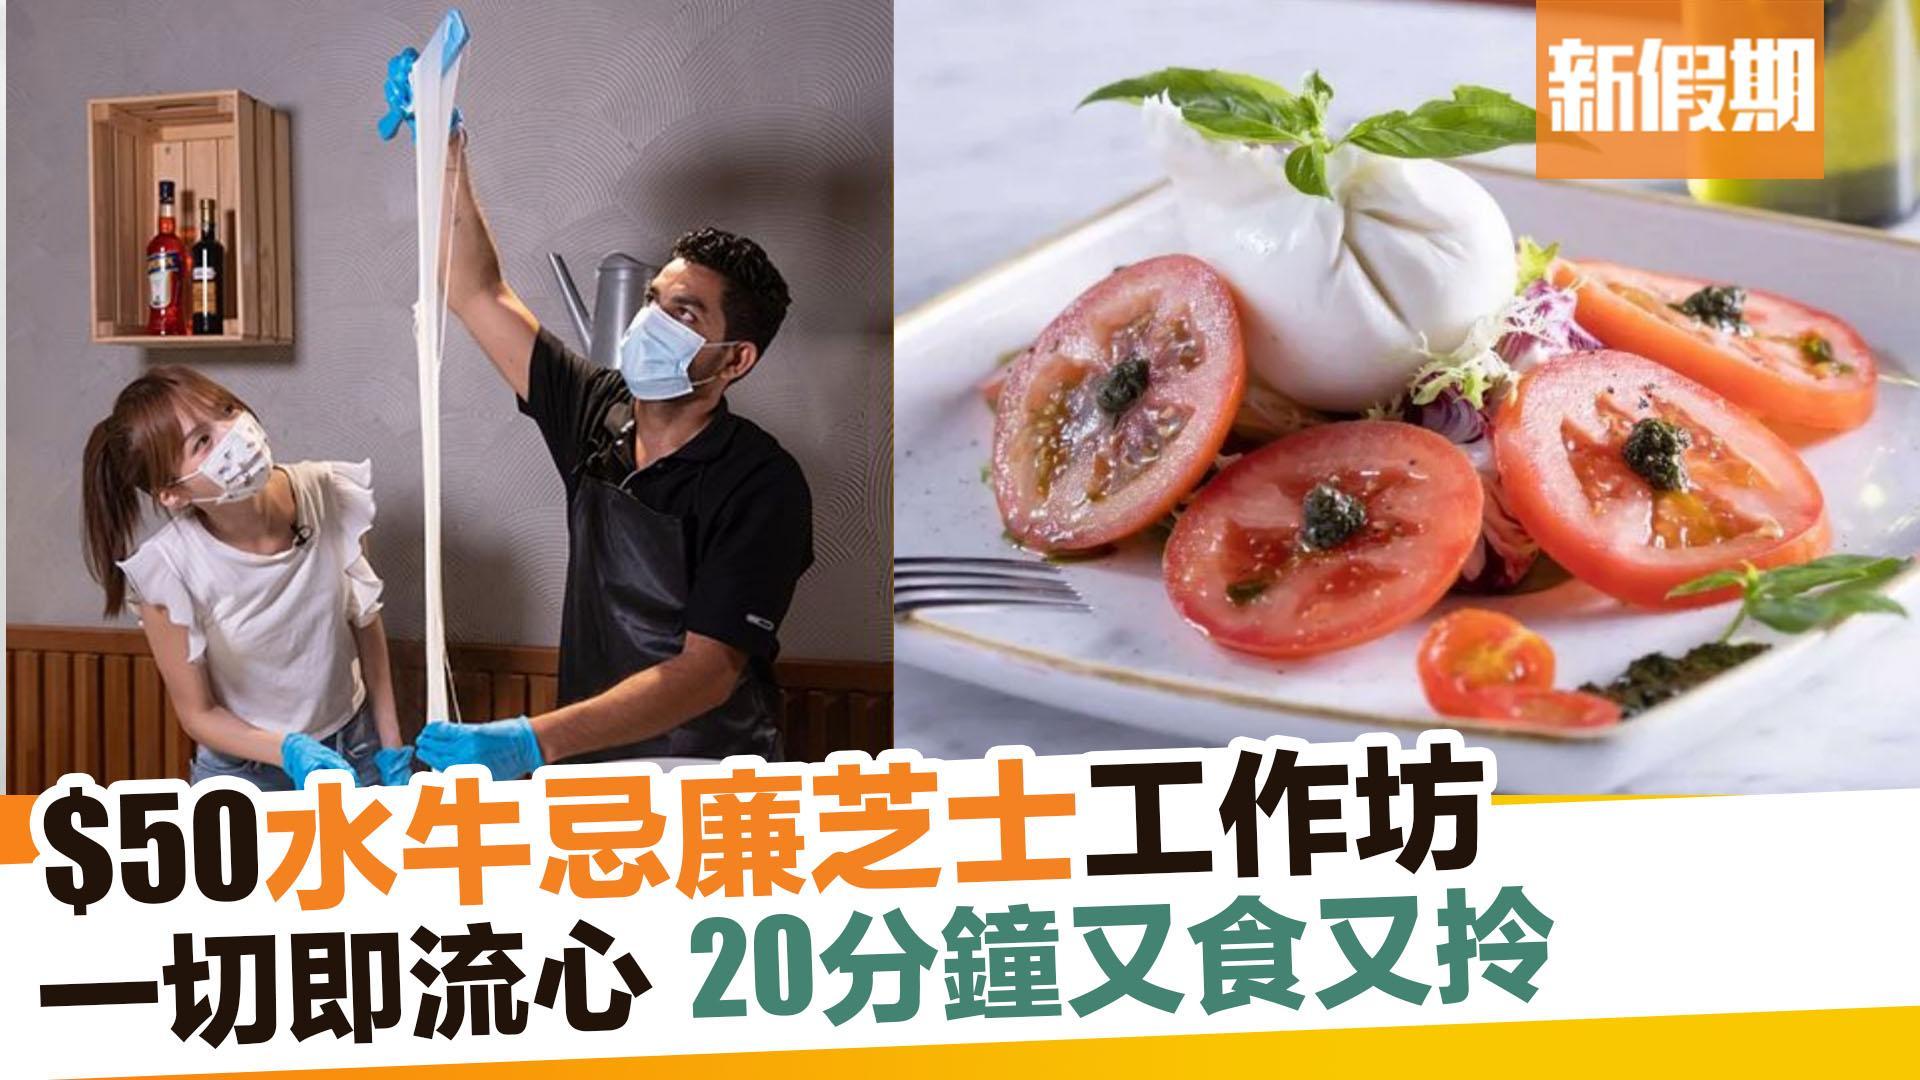 【香港好去處】銅鑼灣$50水牛芝士工作坊 20分鐘即成! 一切流心超治癒 新假期